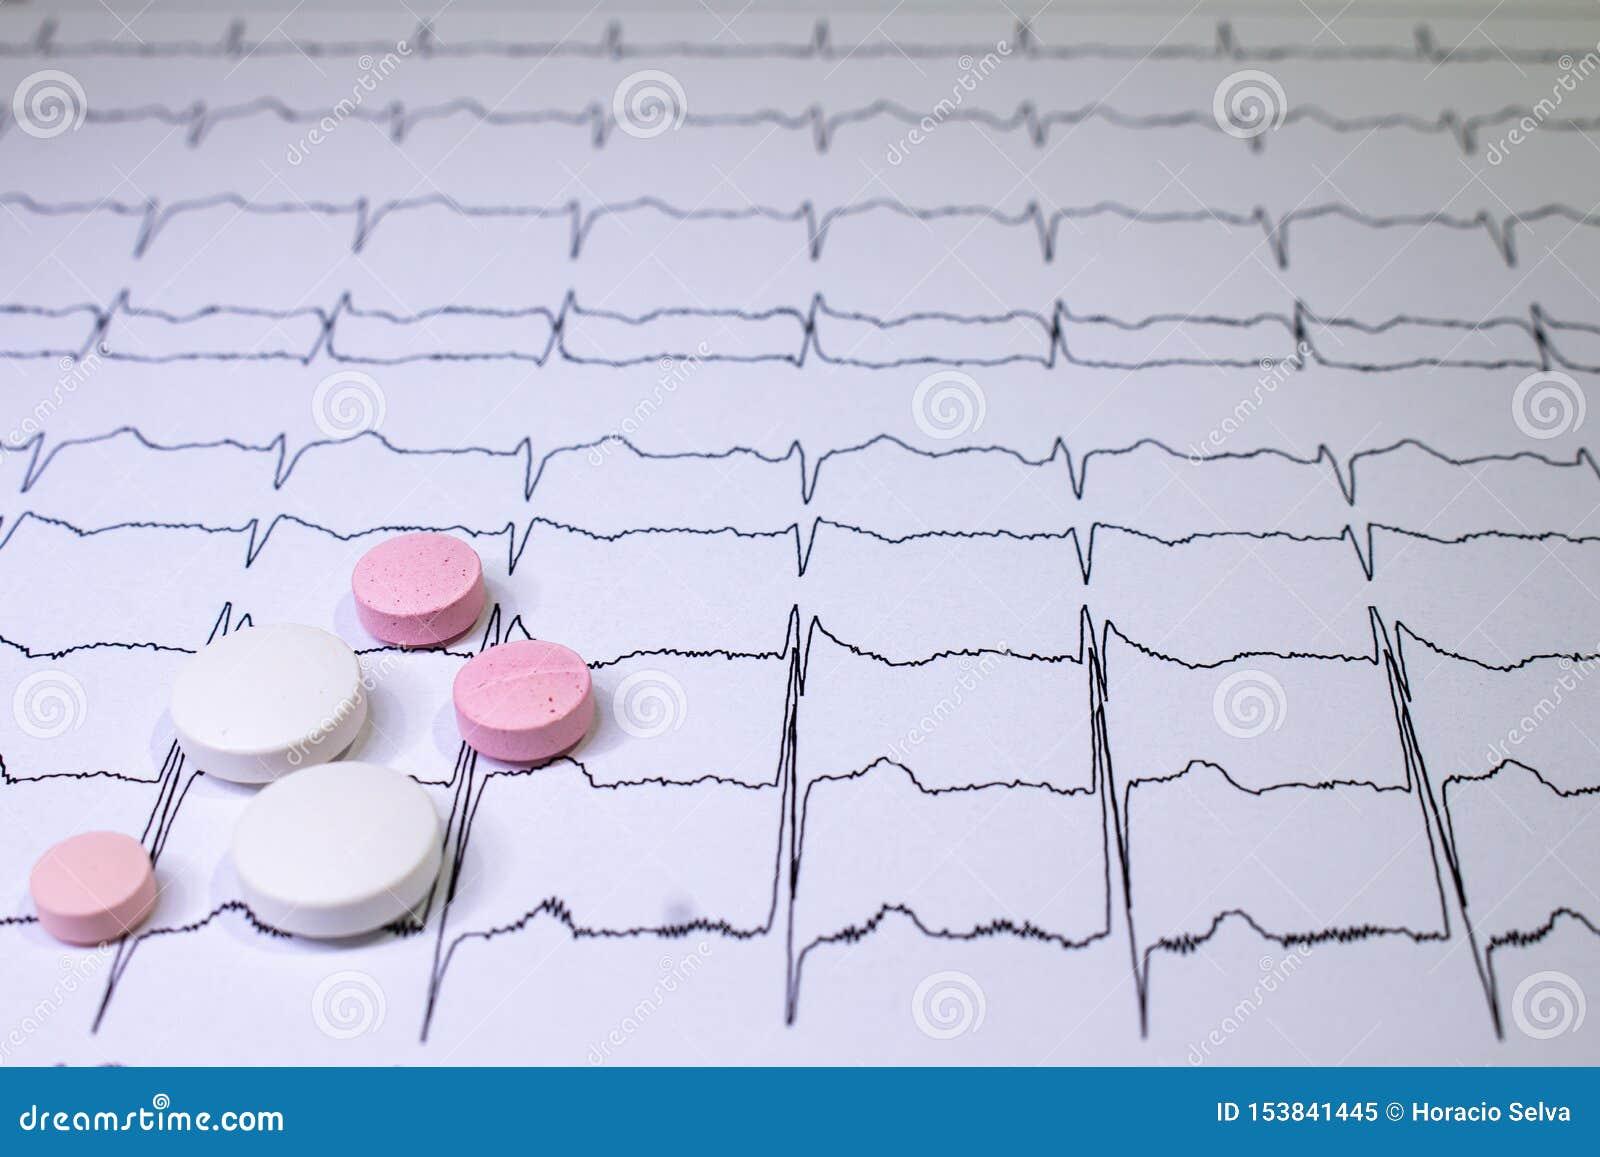 Электрокардиограмма с синдромом Brugada Покрашенные таблетки на пути EKG Неожиданная сердечная смерть должная к аритмичностям